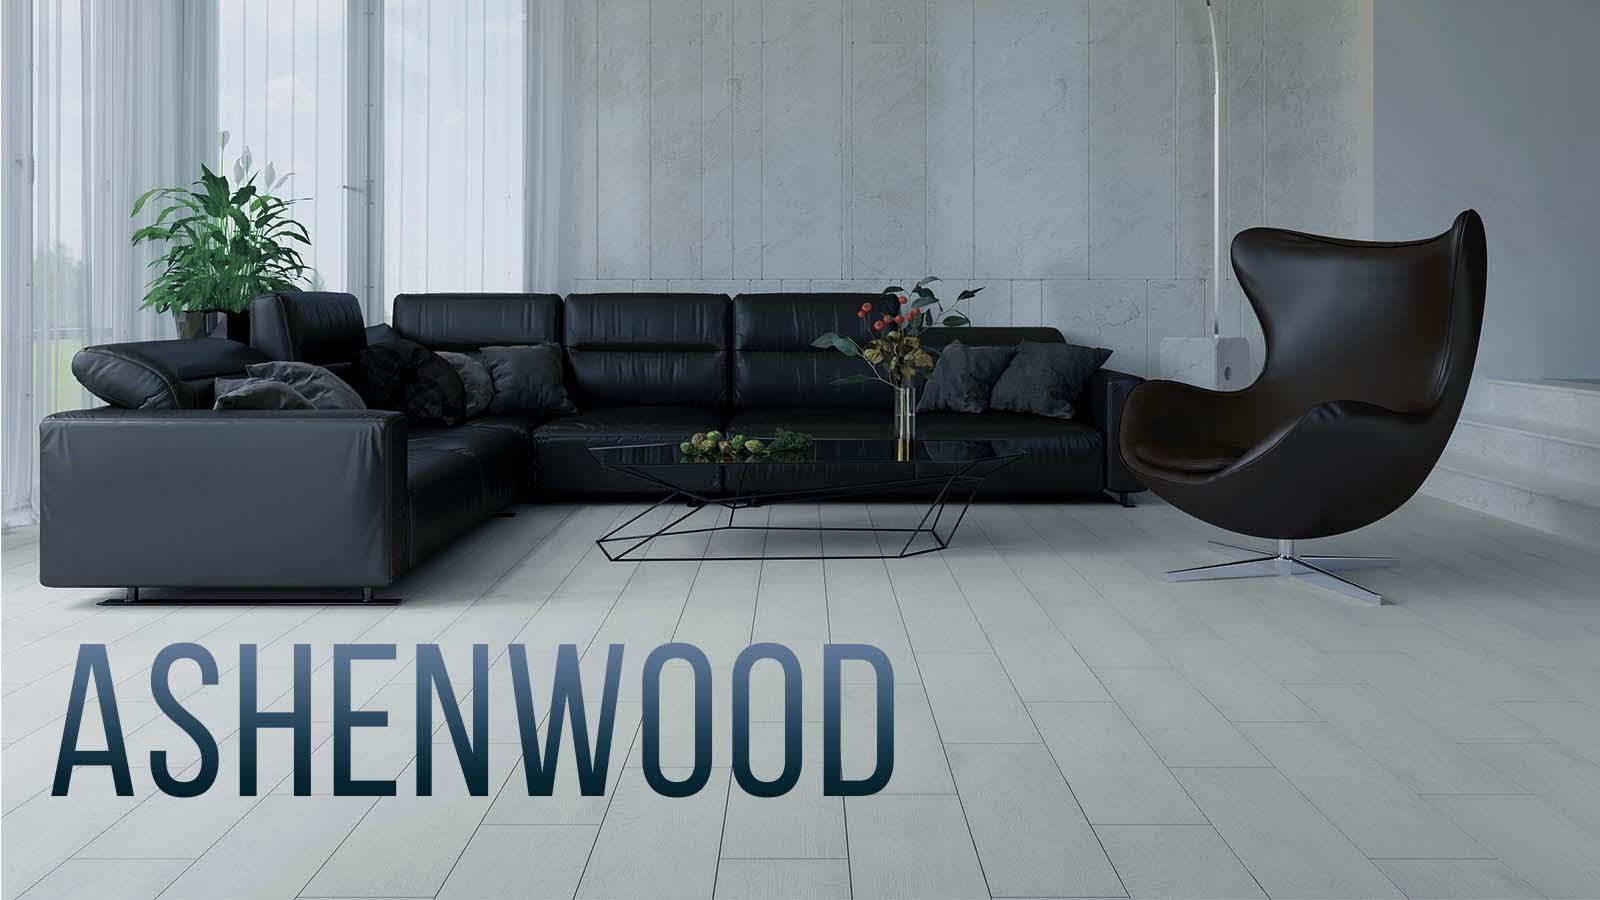 ashenwood